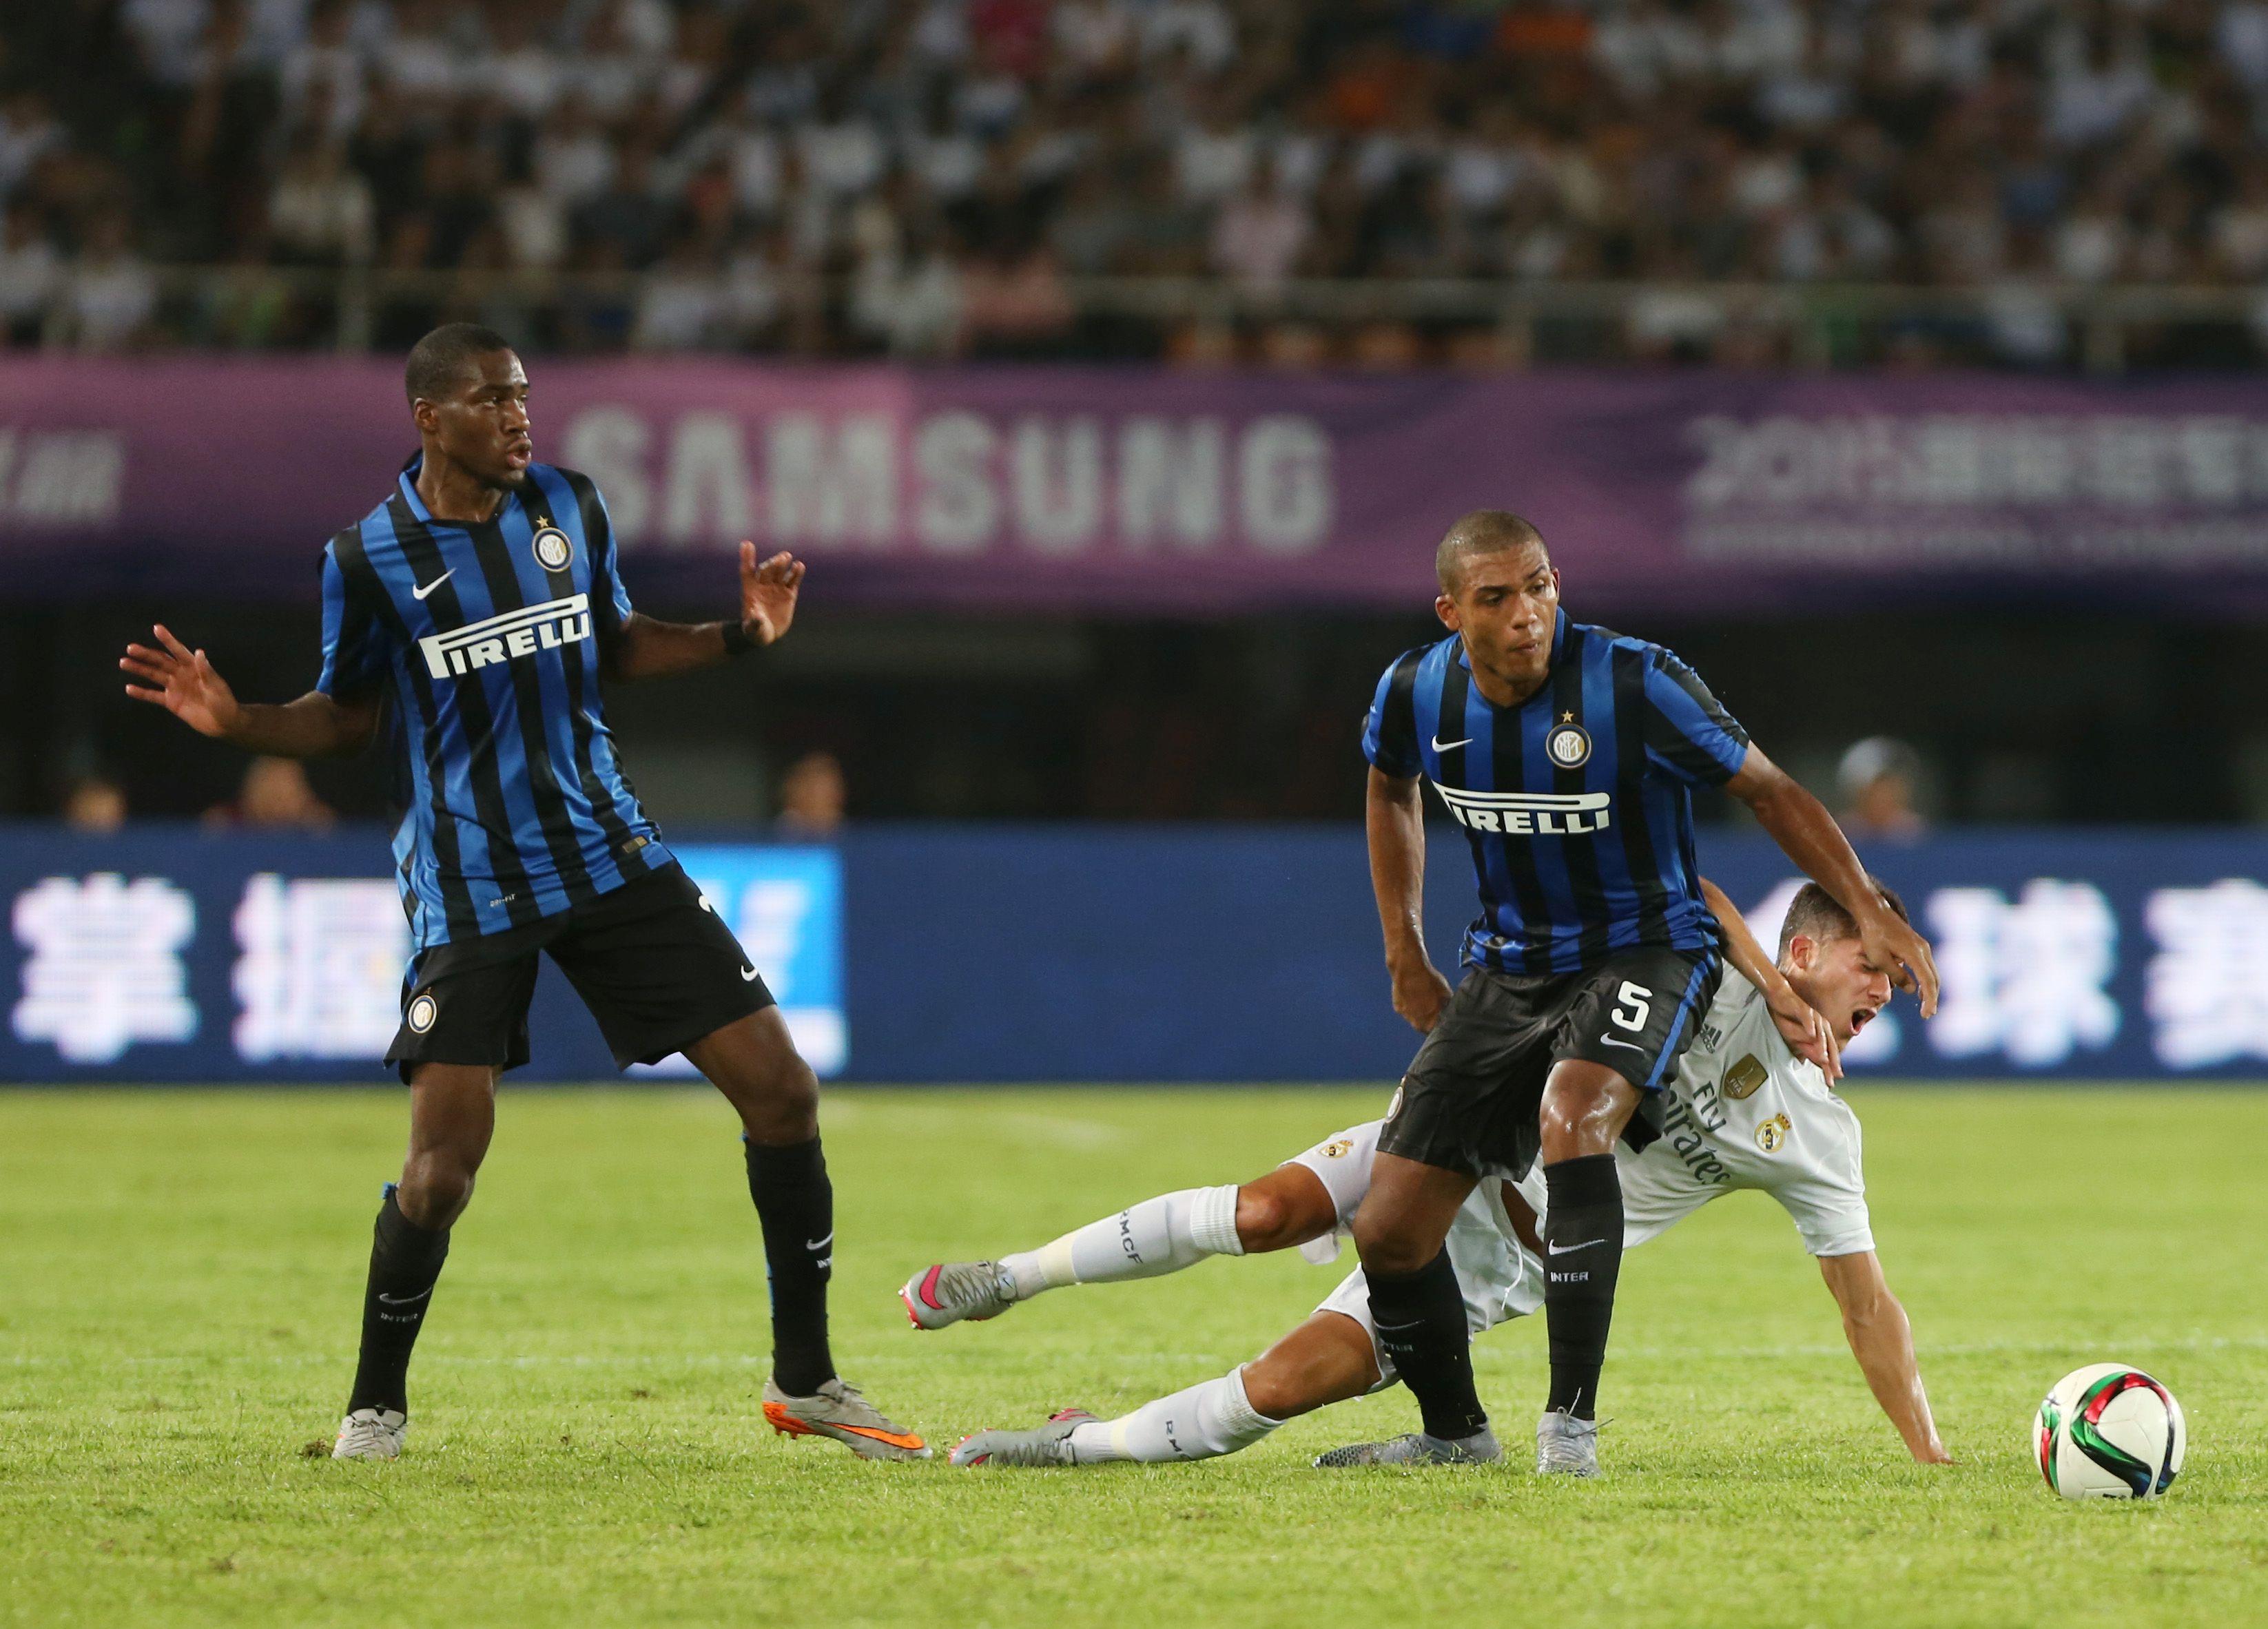 Juan Jesus e Geoffrey Kondogbia in azione con la maglia dell'Inter